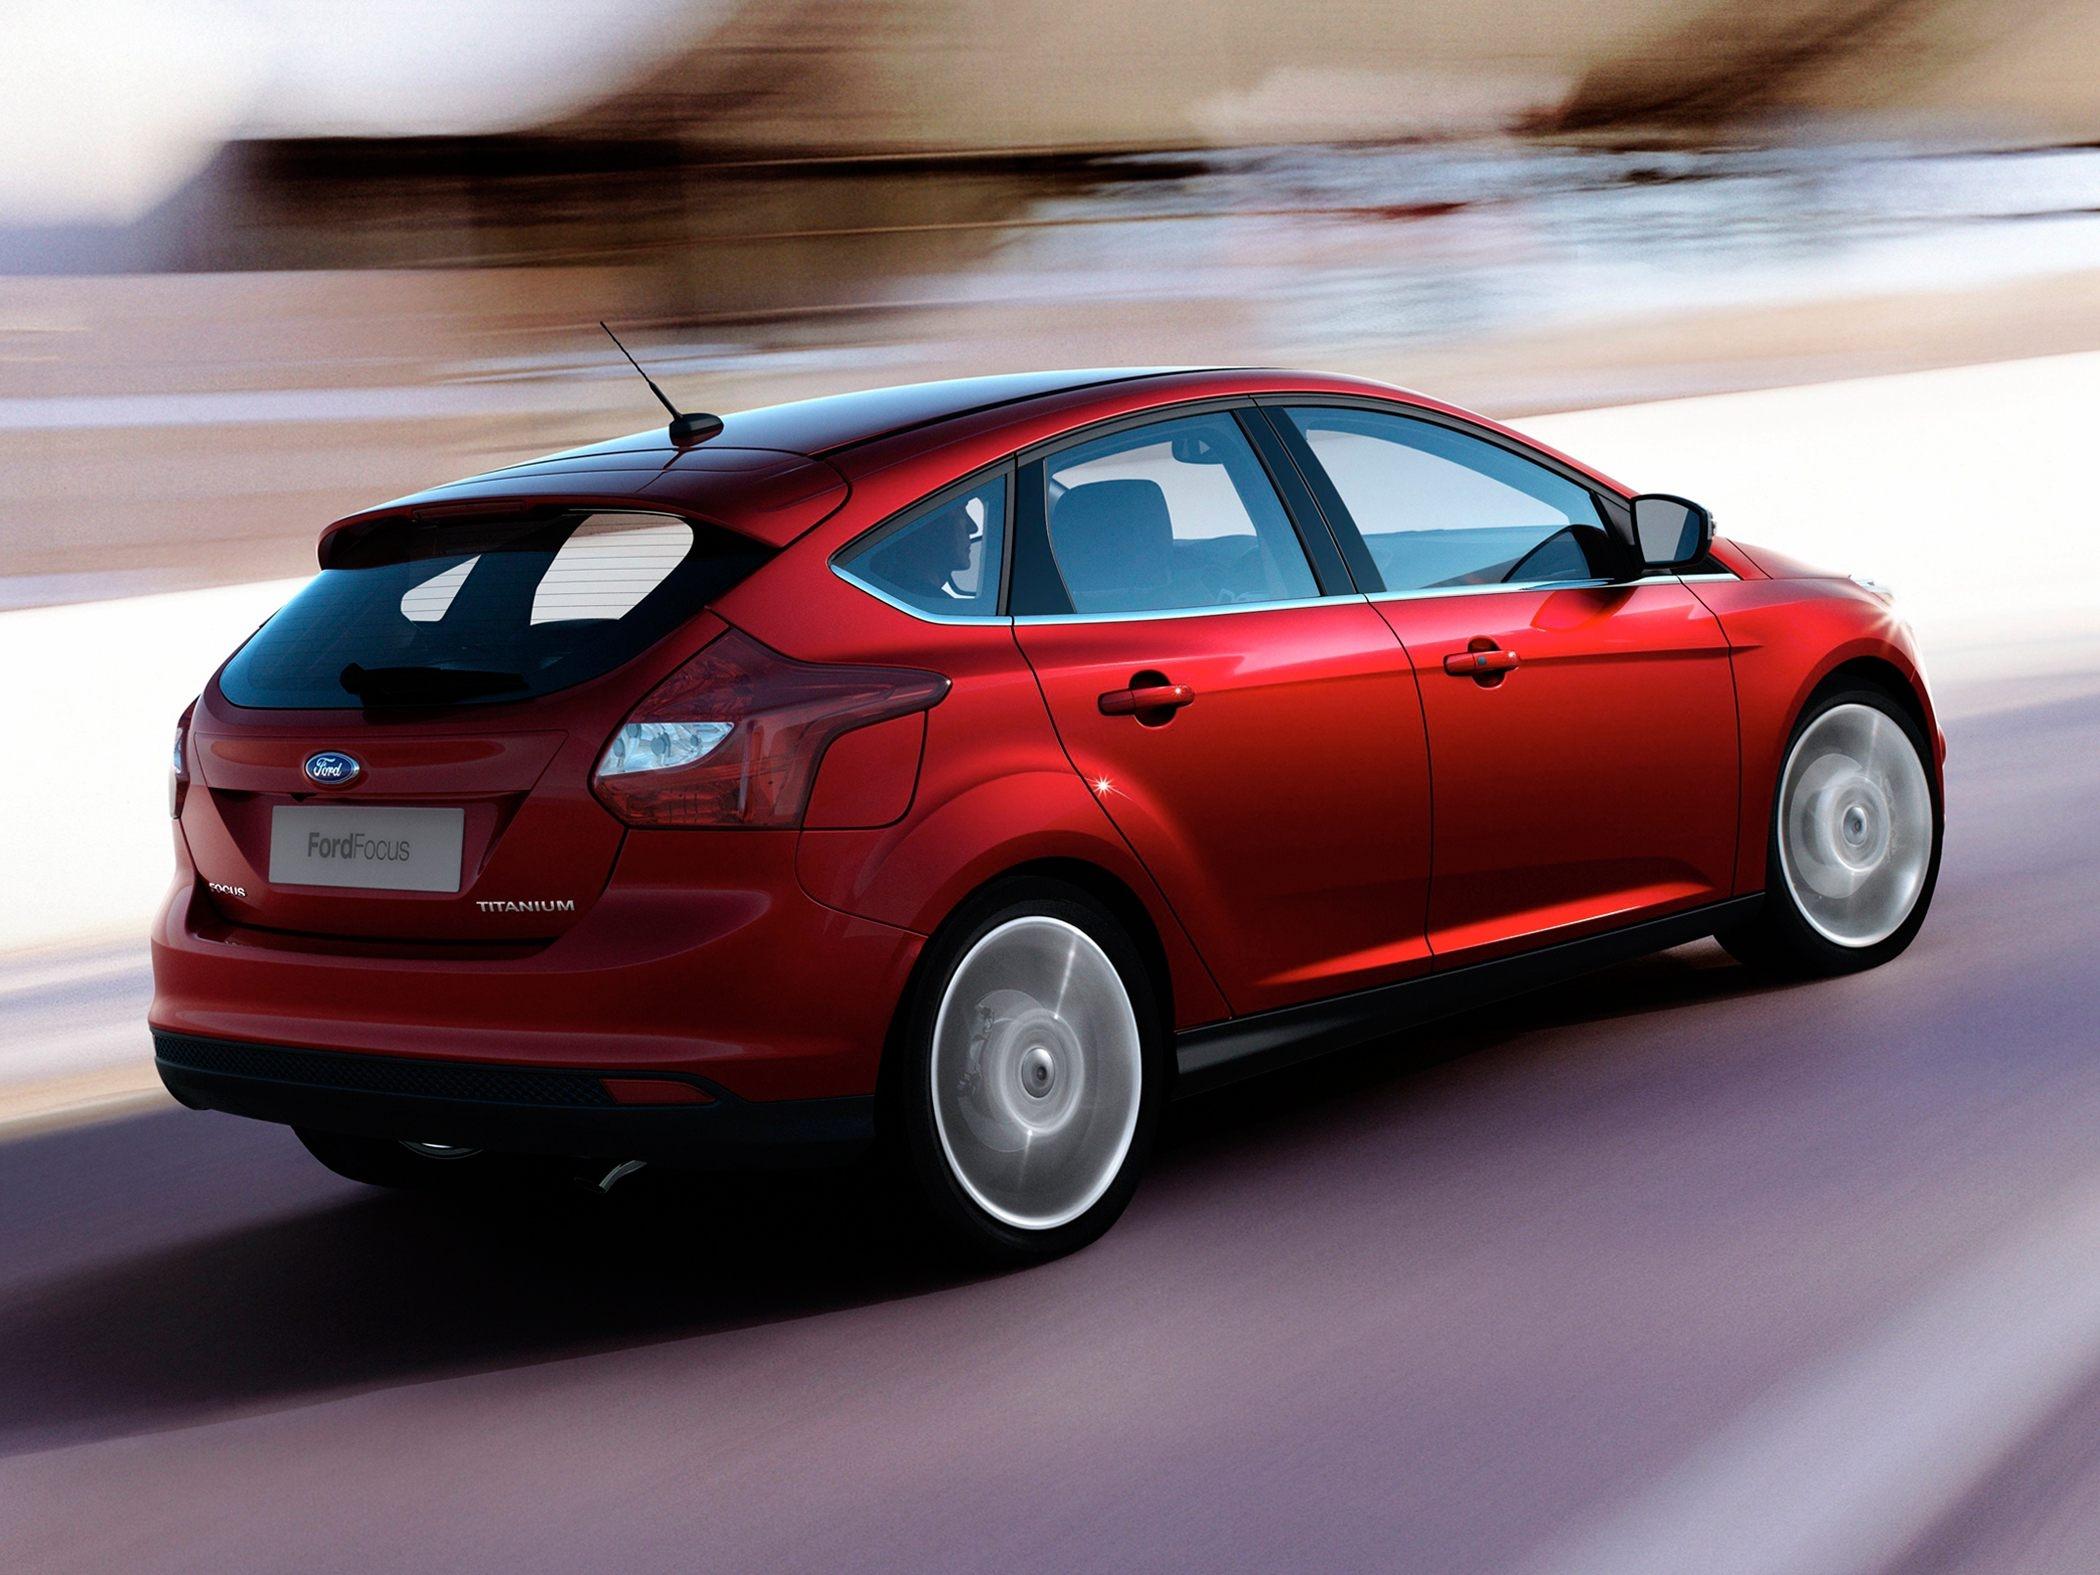 Ford Focus Invoice Price